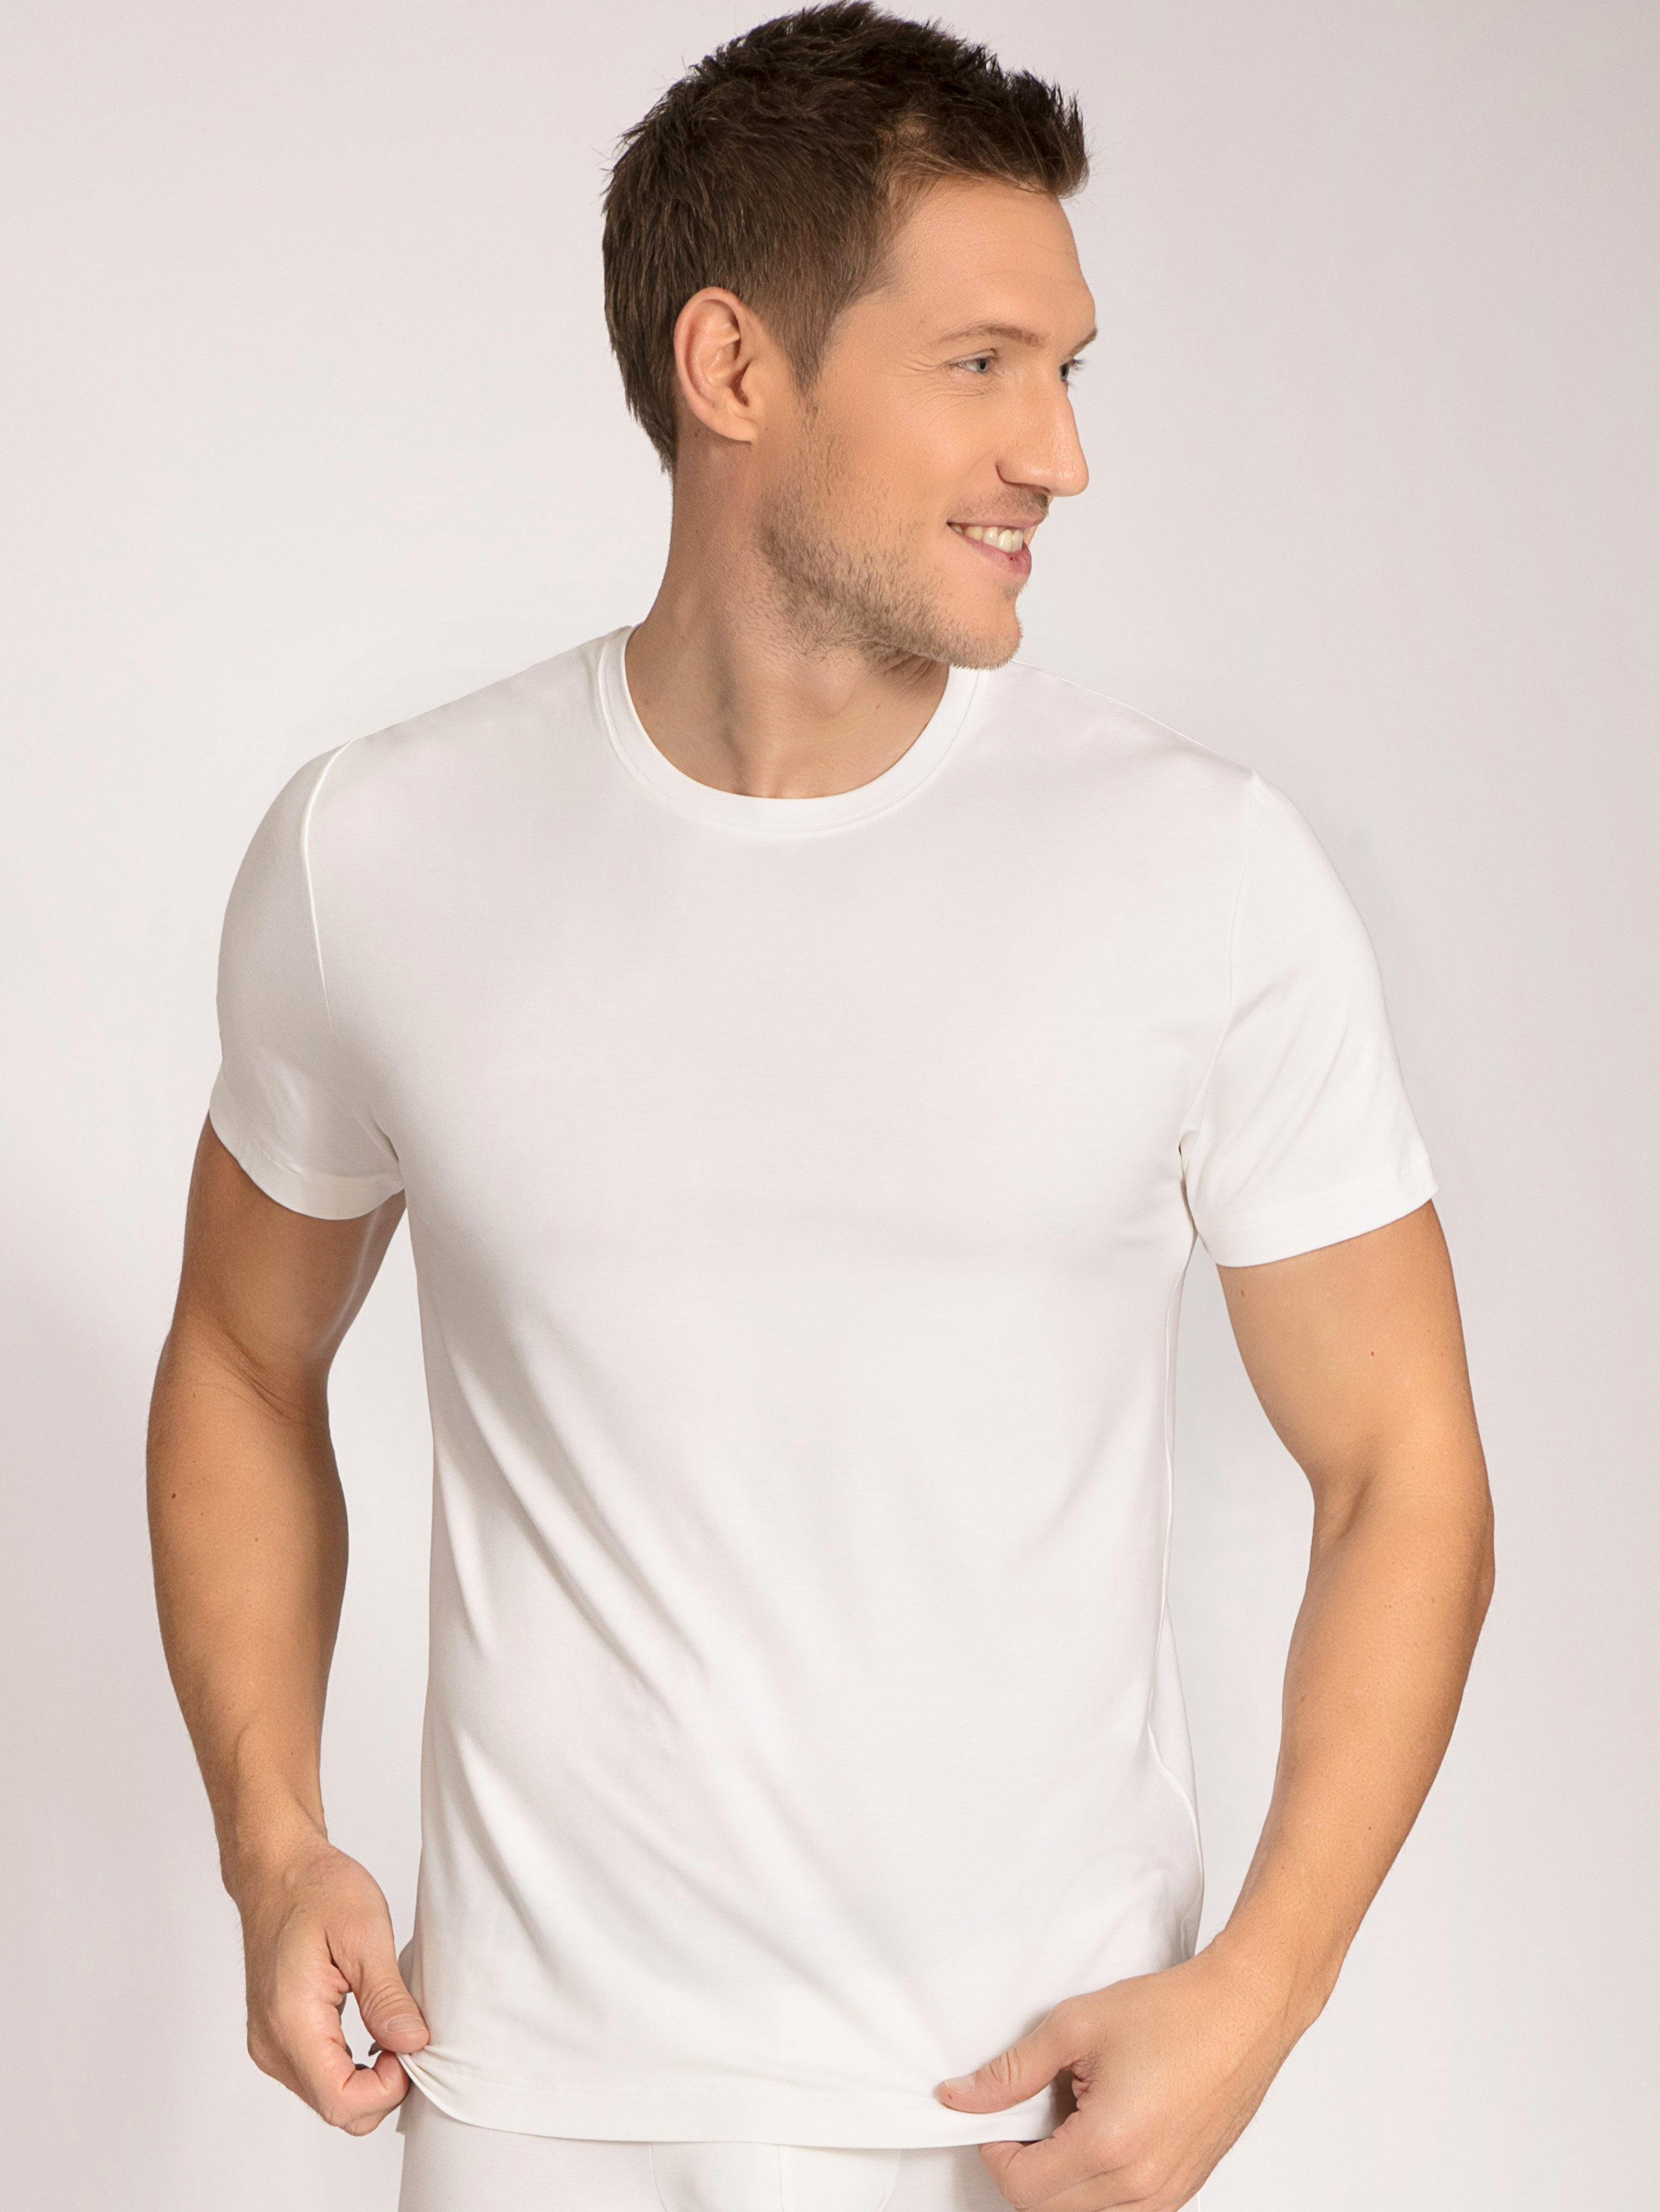 Artikel klicken und genauer betrachten! - Für wohltuende Frische! Dieses Shirt mit kurzem Arm aus der Serie ALP FLIX von CALIDA zeichnet sich durch eine besonders hochwertige und innovative Fasermischung aus Milchproteinen und weich fließendem MicroModal® aus. Diese Material ist klimaregulierend, erfrischend und besonders sanft zur Haut. So vereint CALIDA gute Schweizer Tradition, Innovation und Nachhaltigkeit auf perfekte Art und Weise. | im Online Shop kaufen